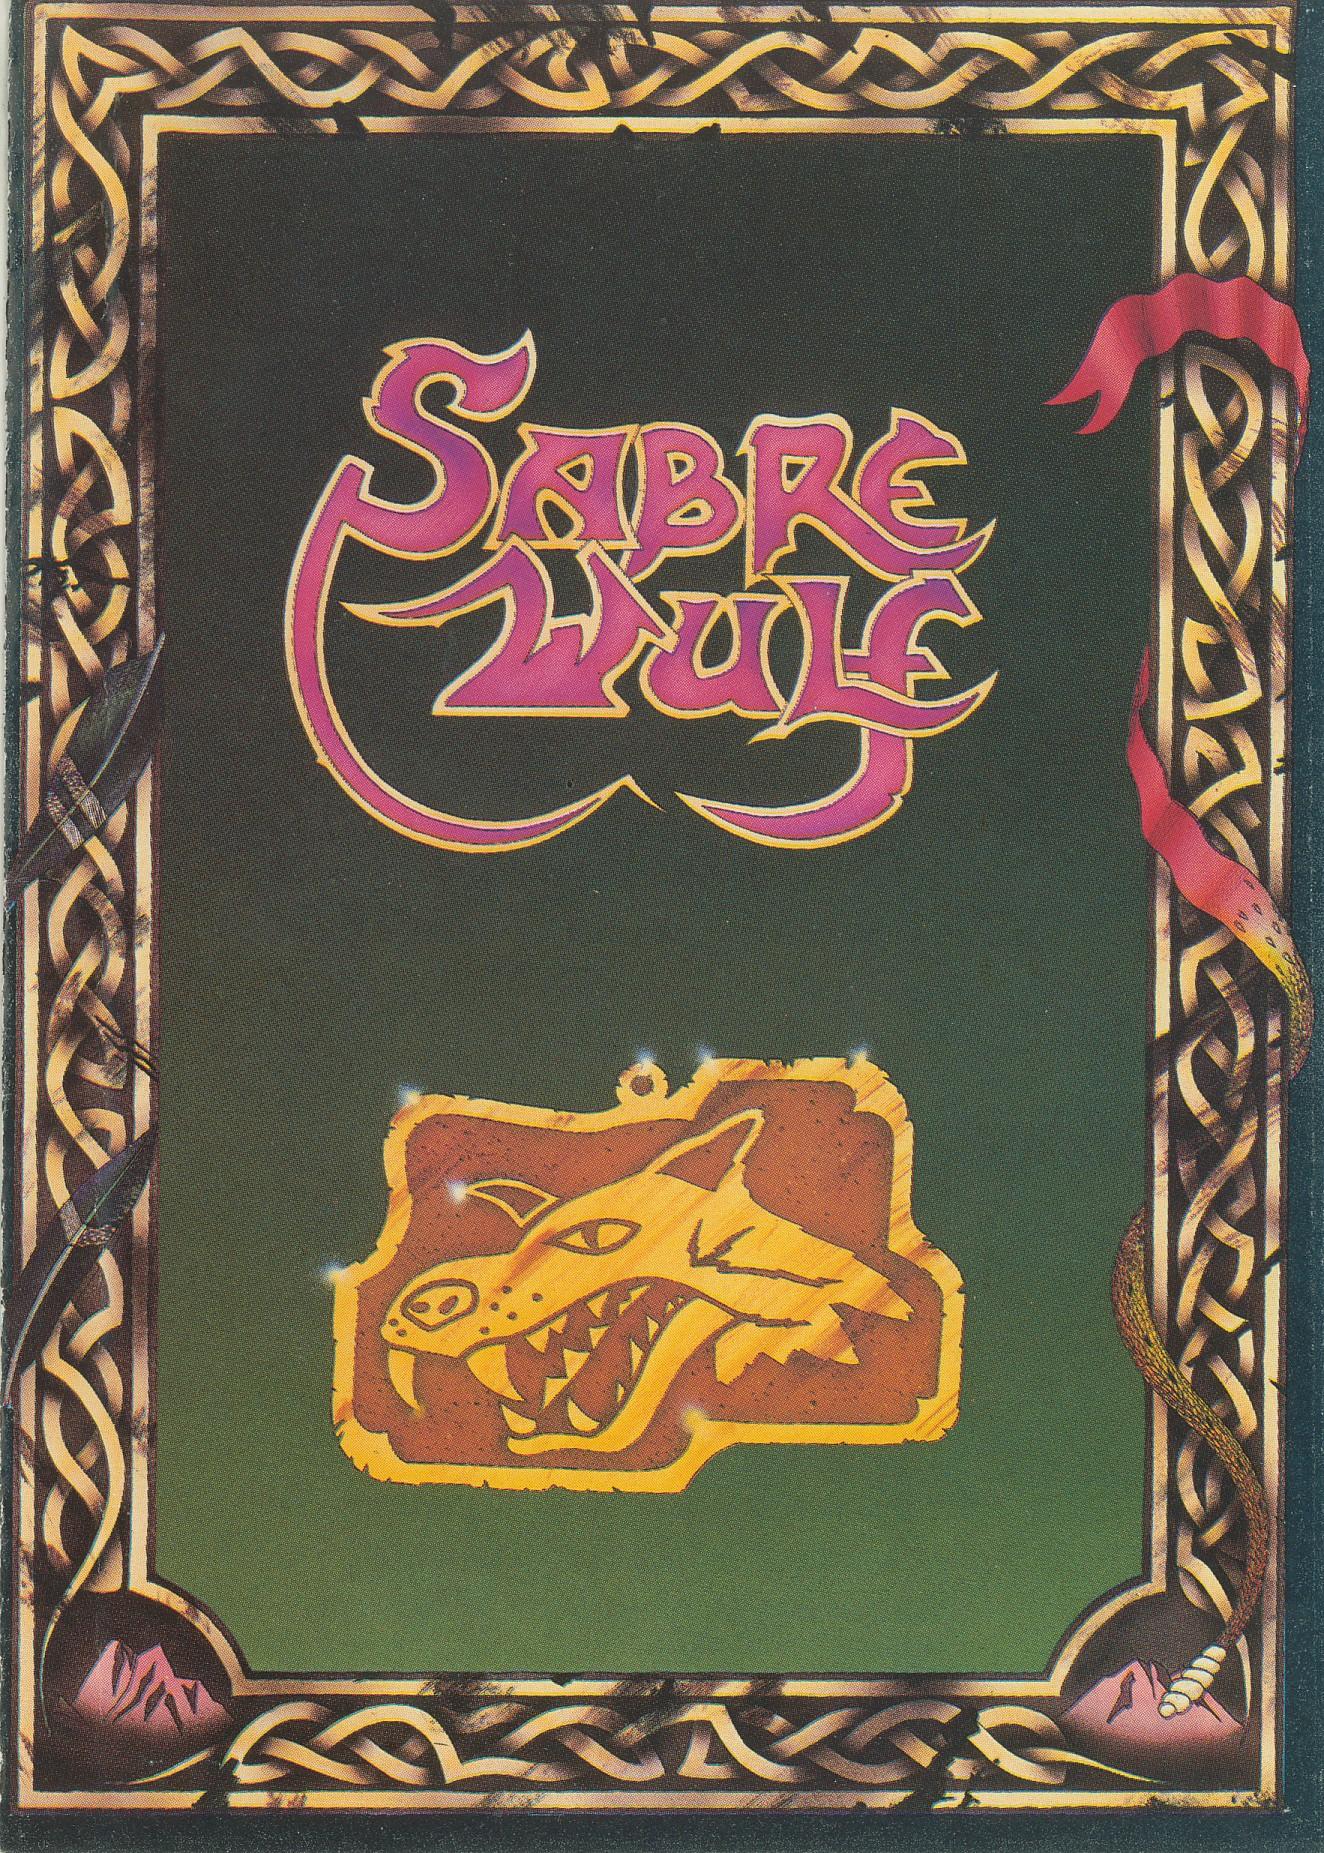 La cover di Sabre Wulf. Valeva davvero la pena pagare il doppio per questa?...